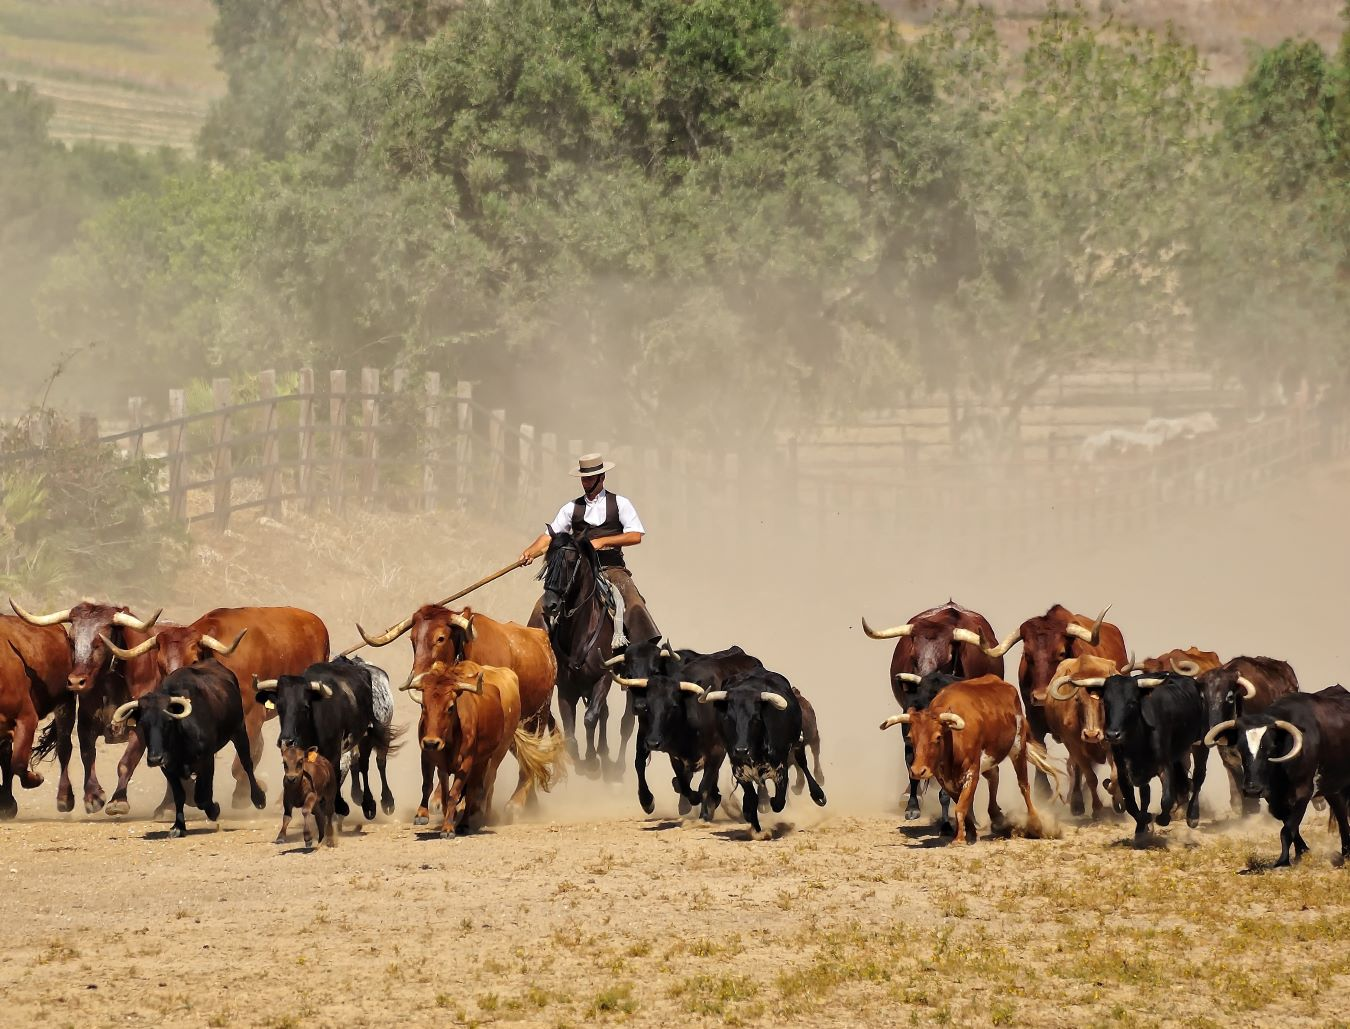 la Ruta del Toro: gandería de toros bravos.